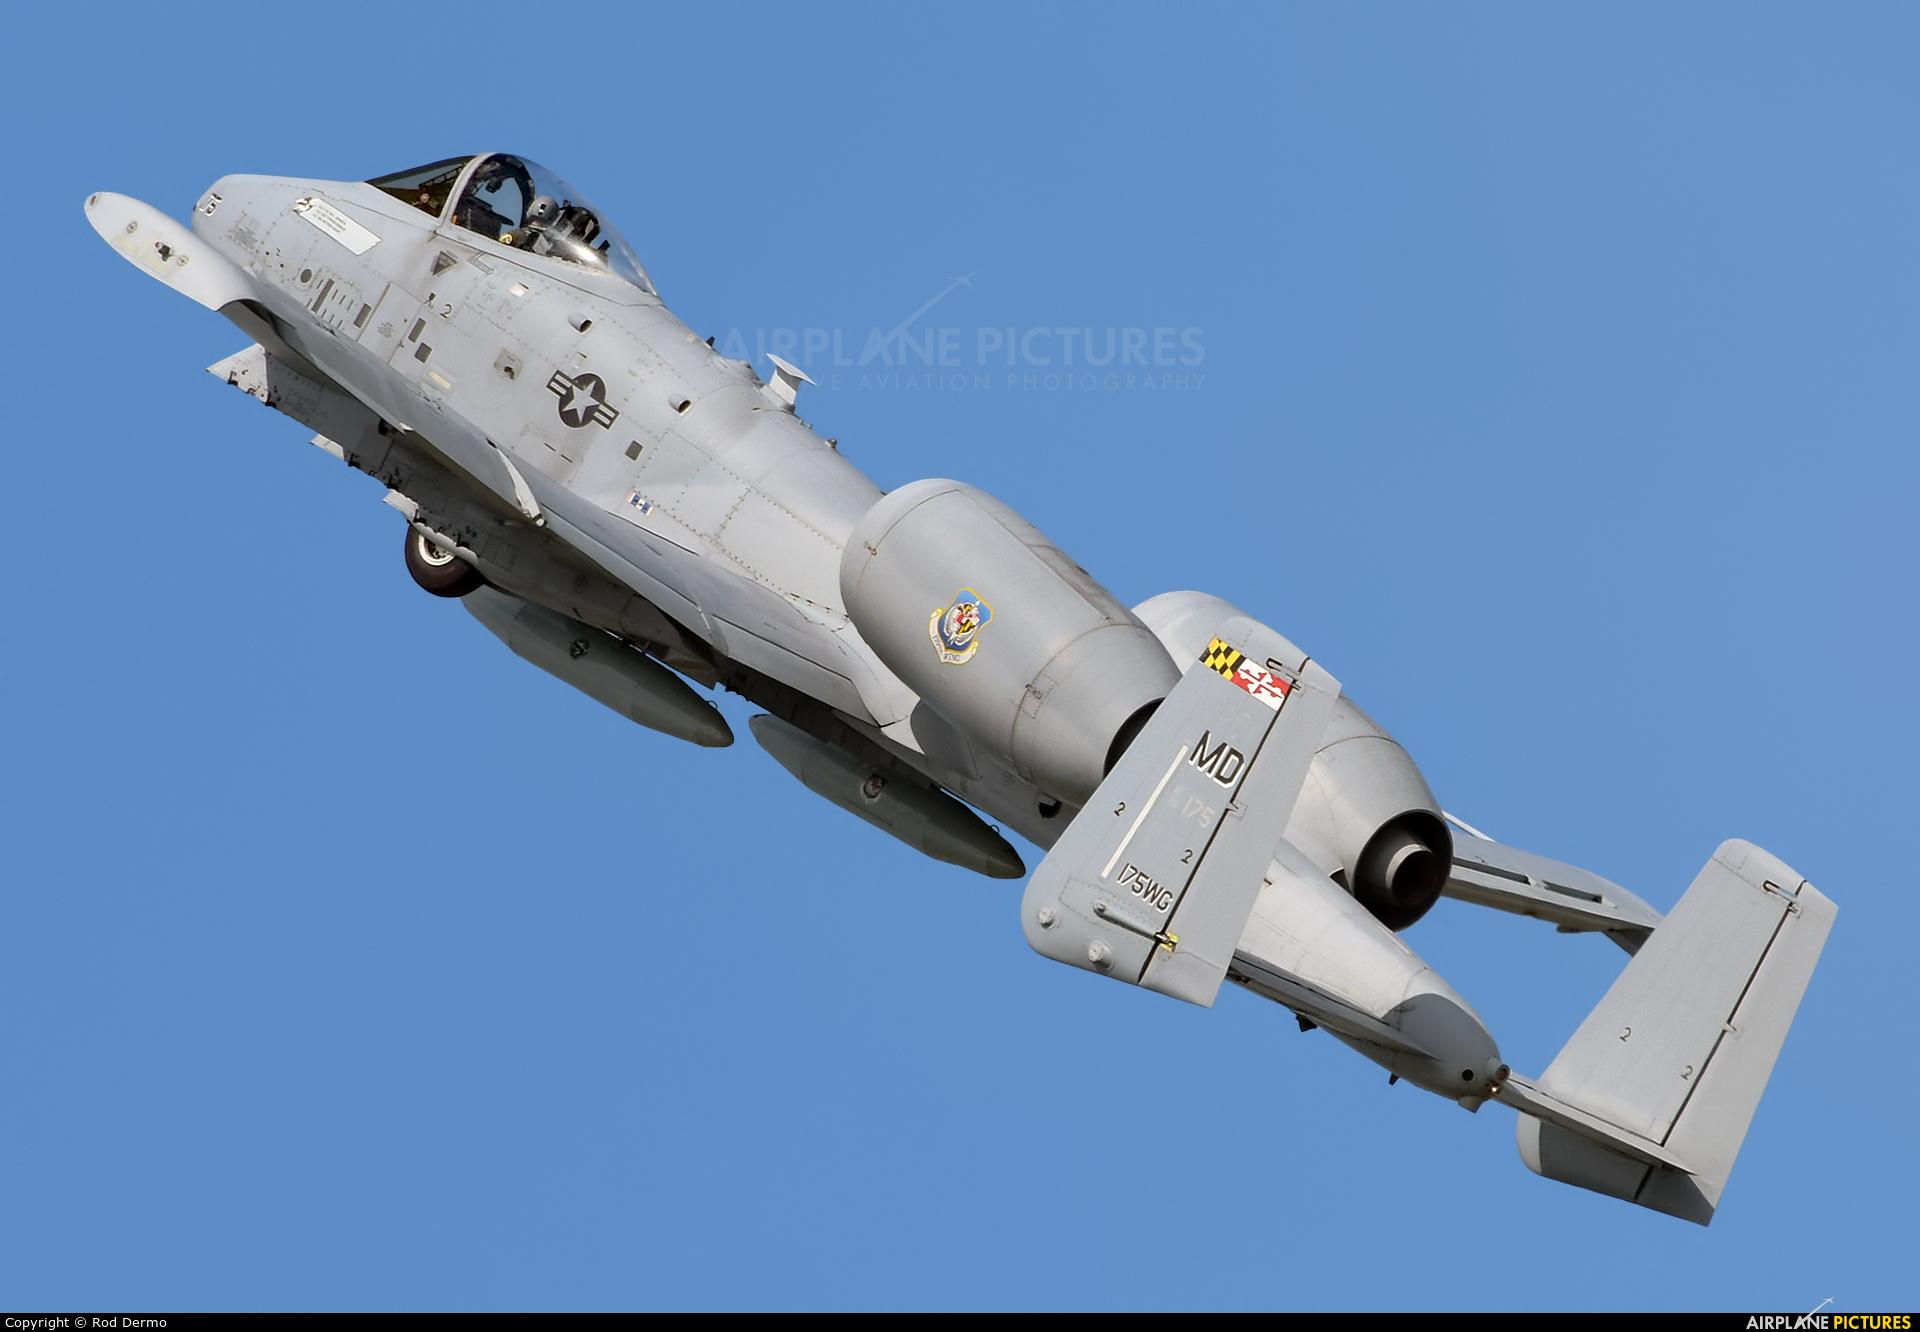 USA - Air Force 79-0175 aircraft at Detroit - Willow Run